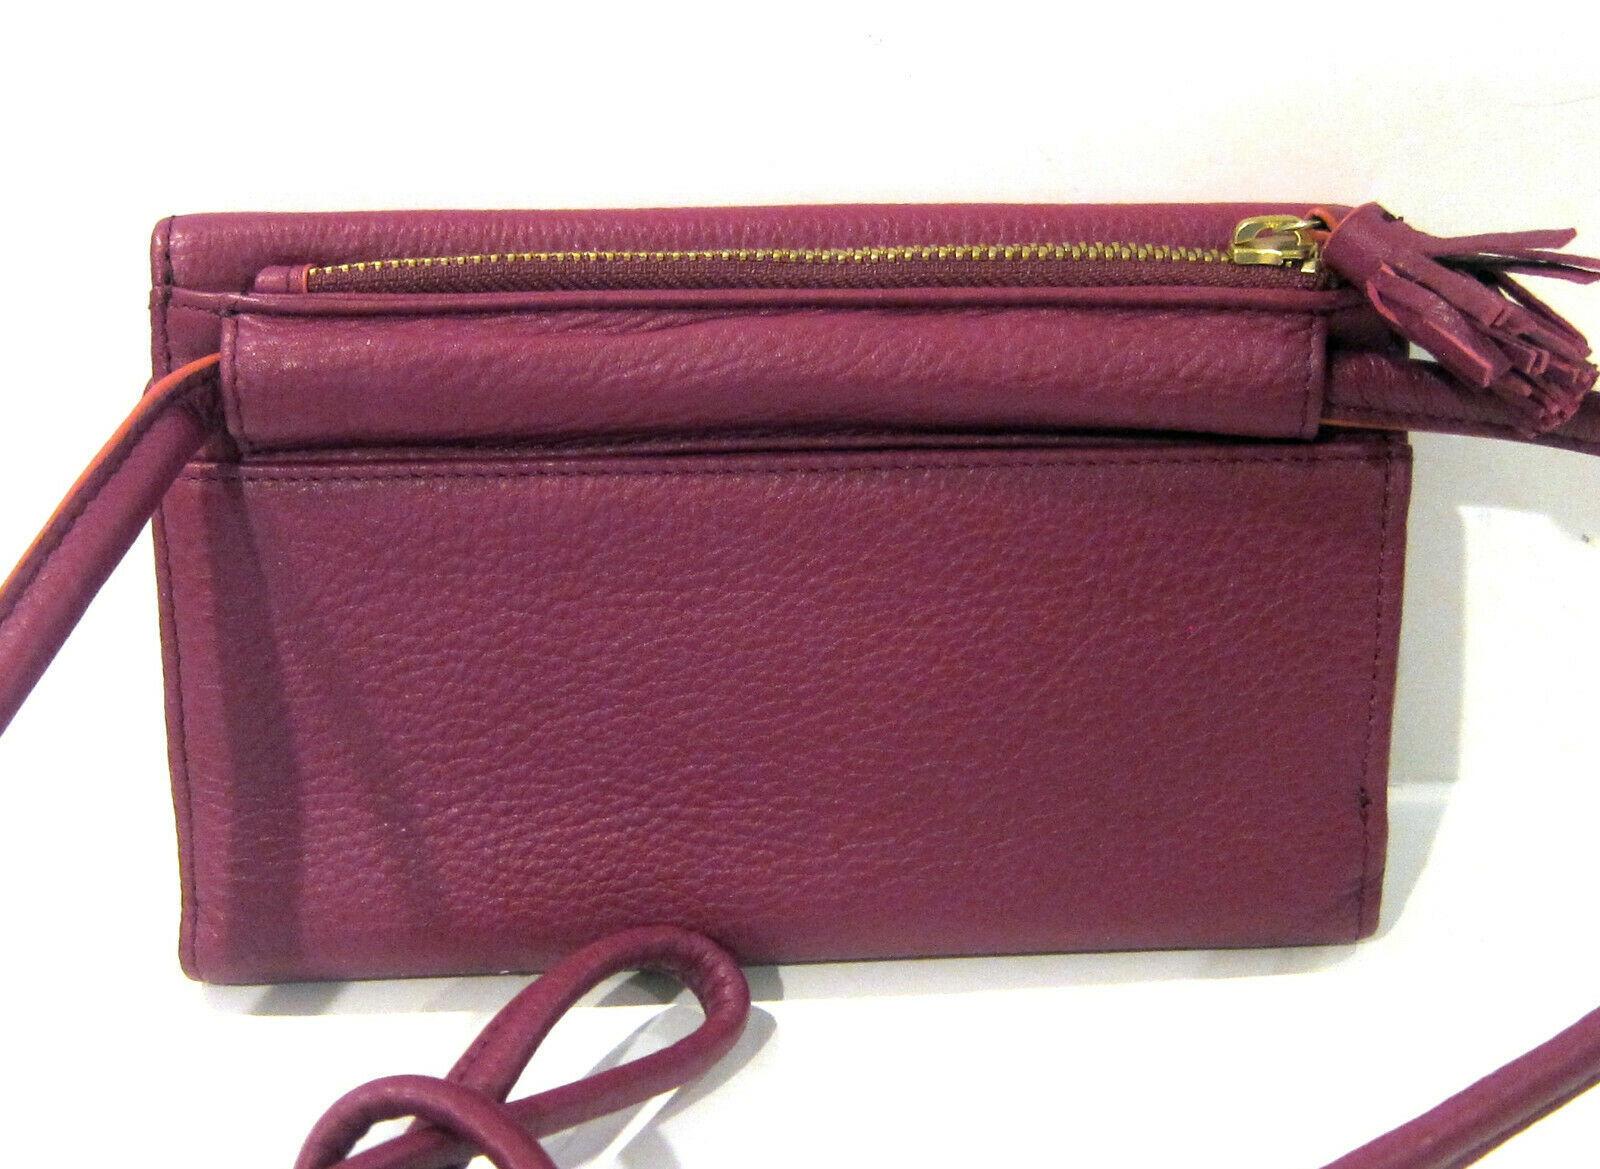 Fossil Brand Sophia Tassled Crossbody Wallet Raspberry Wine SLG1036672 NEW